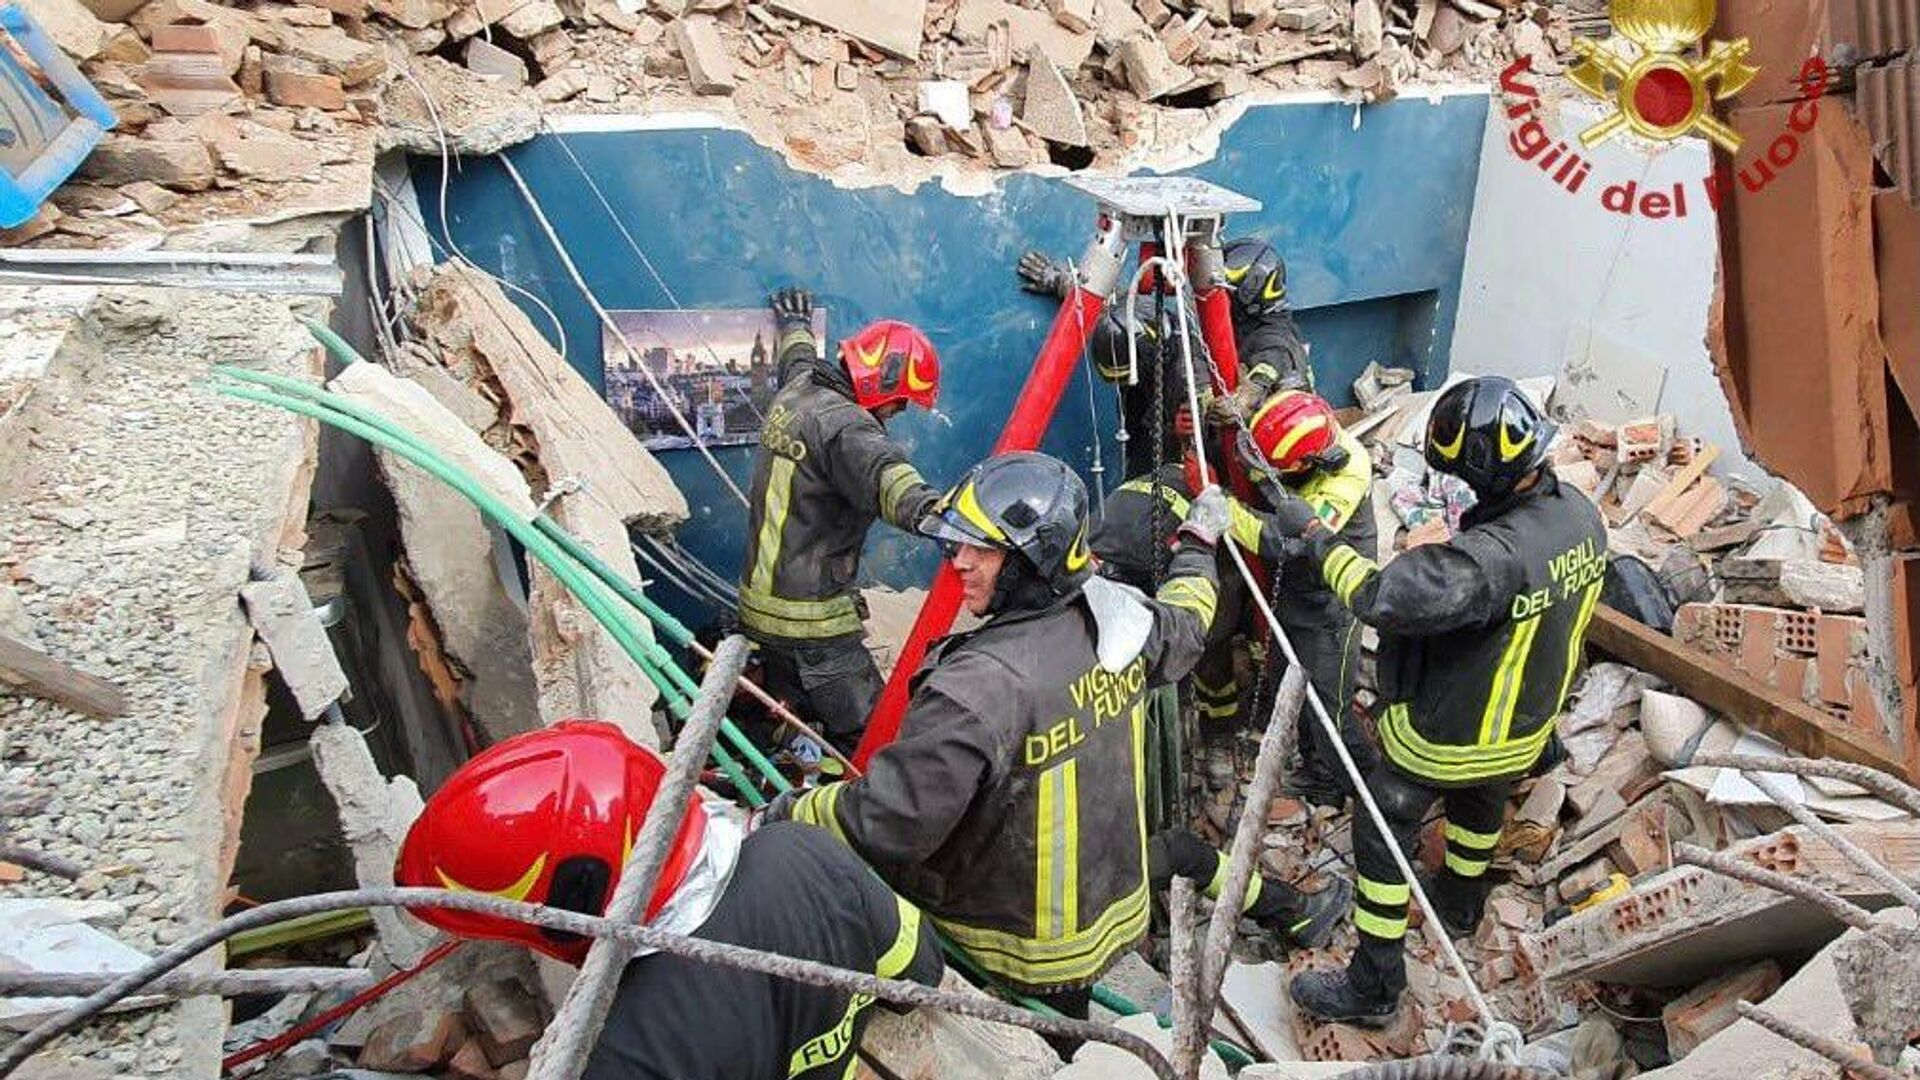 Vigili del fuoco nelle operazioni di soccorso per il crollo di una palazzina a Torino, 24 agosto 2021 - Sputnik Italia, 1920, 24.08.2021